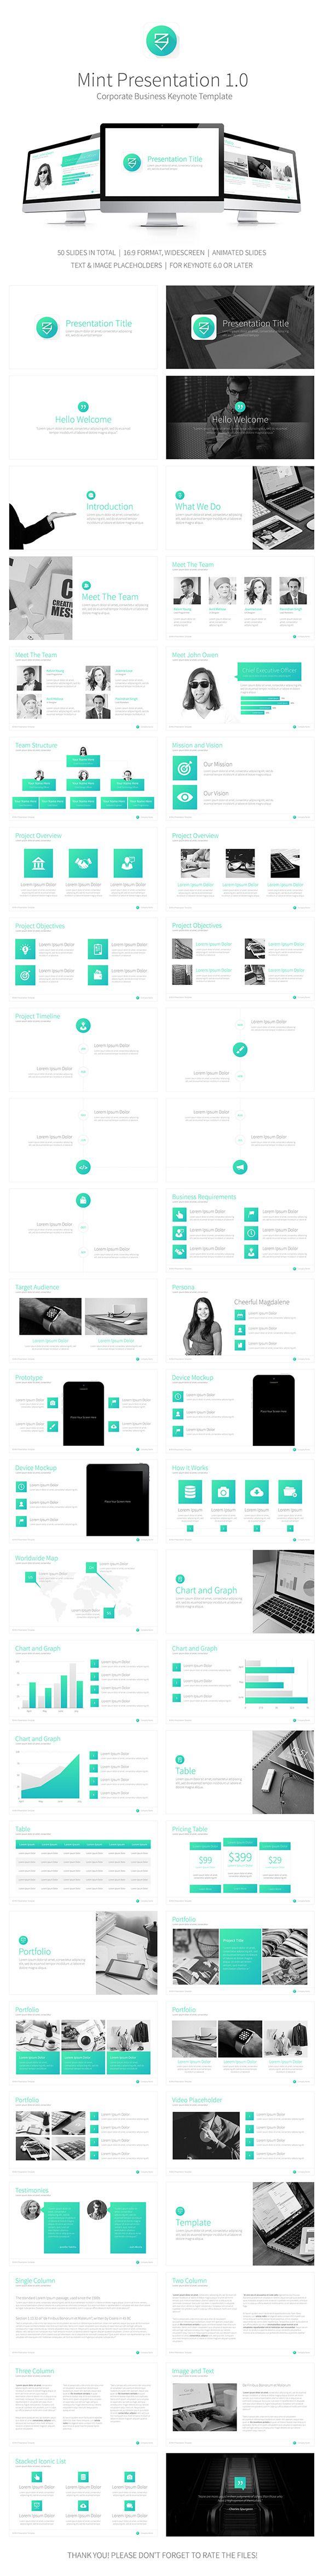 Mint Presentation Keynote Template #design #slides Download…